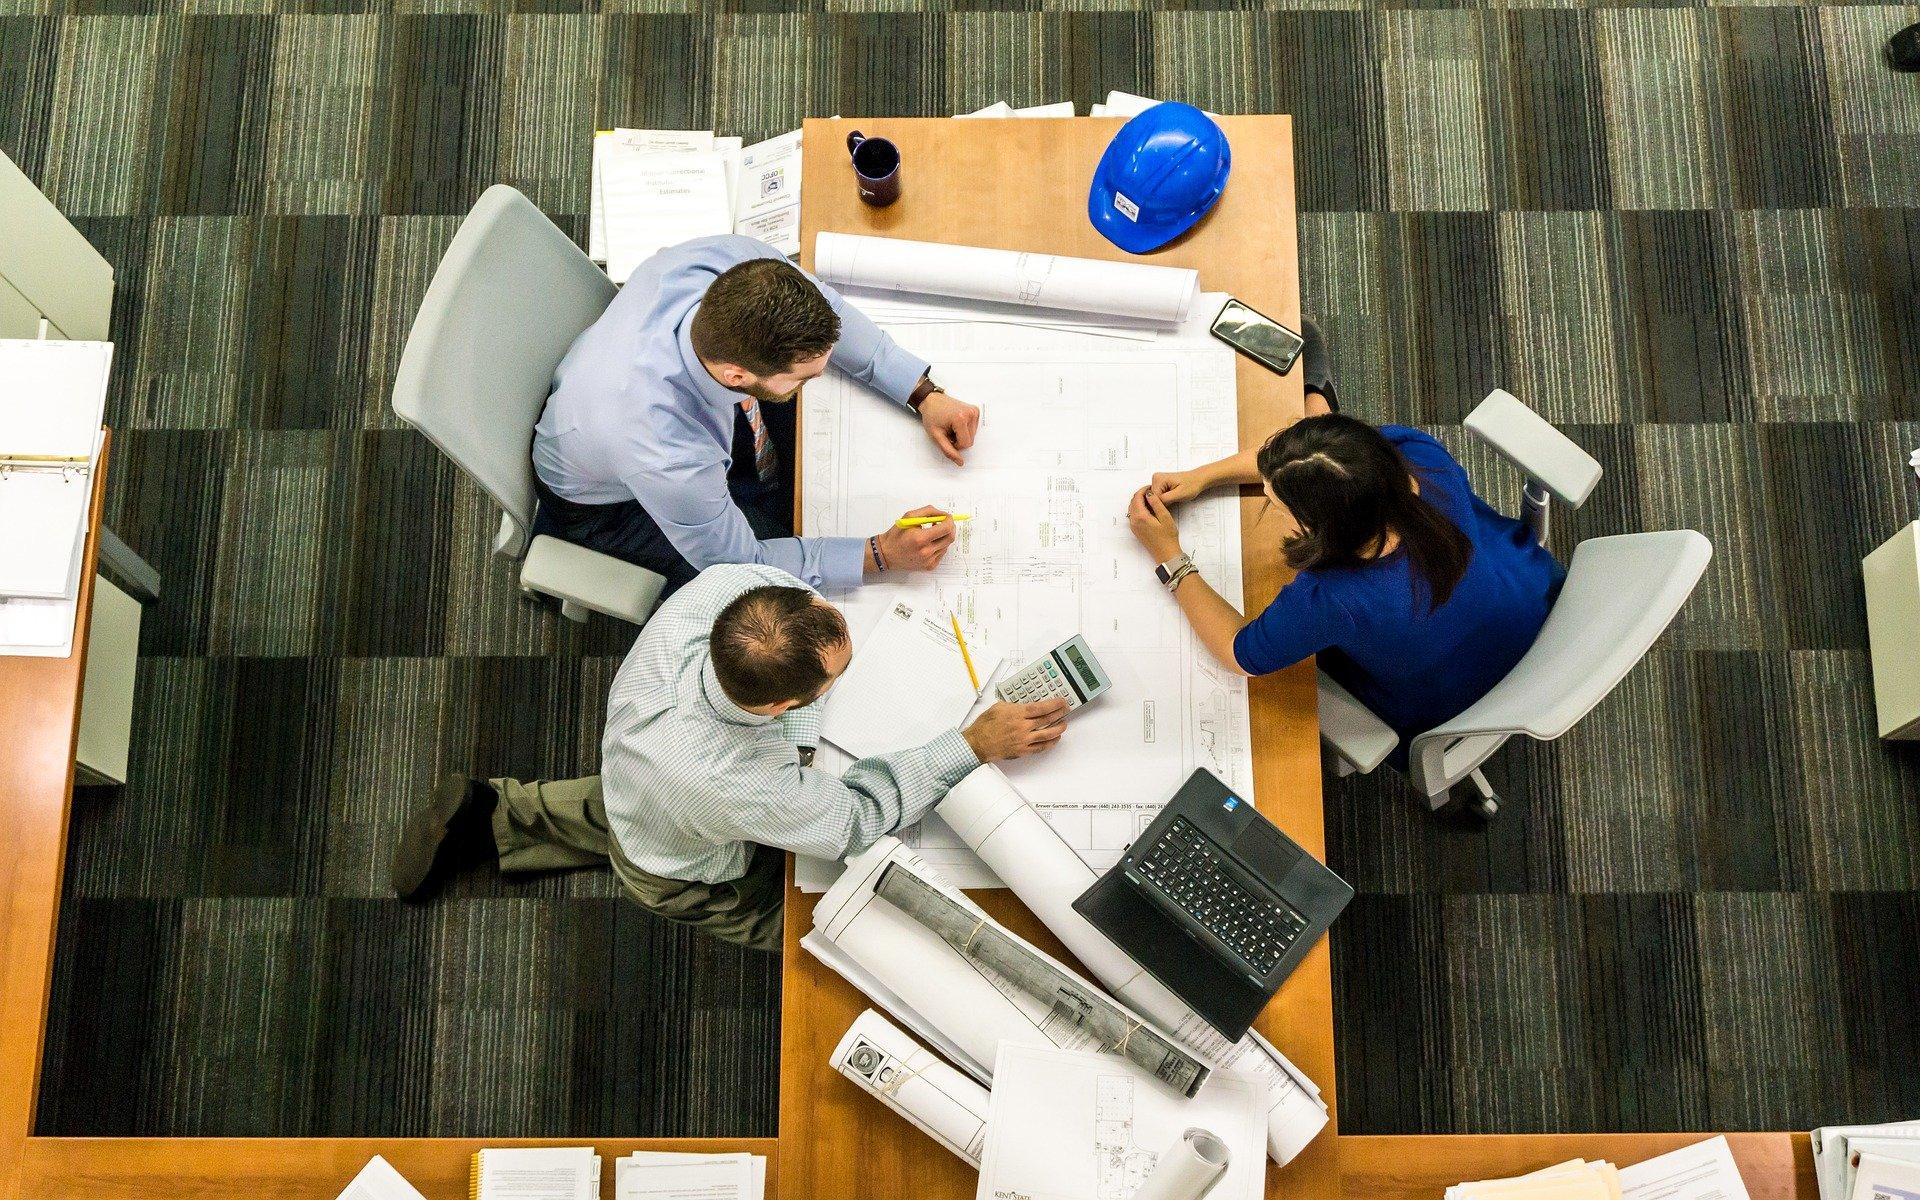 Foto de três pessoas, dois homens e uma mulher, reunidos em uma mesa de madeira com vários papeis, computar e capacete. Vemos um chão preto e cinza e outras mesas de madeira perto. Imagem ilustrativa para texto seguro roubo.